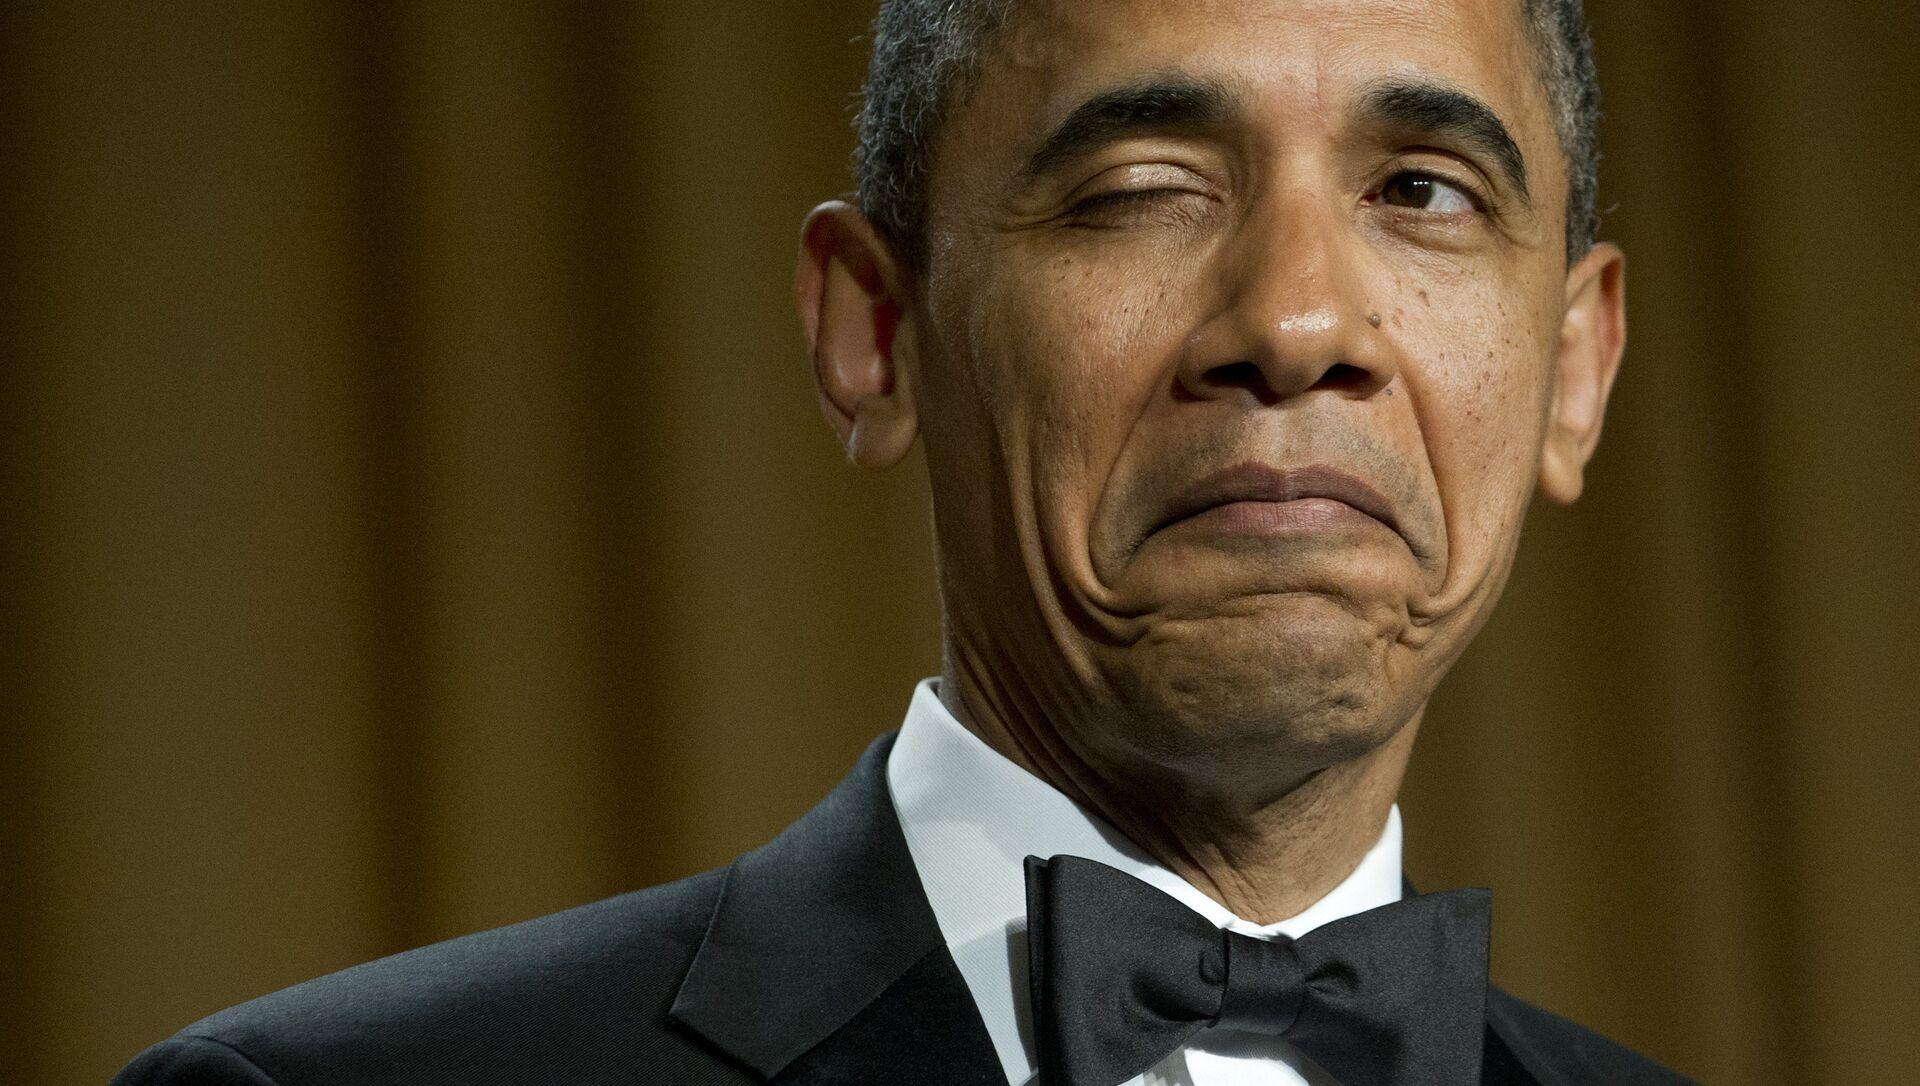 Tổng thống Hoa Kỳ Barack Obama nháy mắt khi kể giai thoại về nơi sinh của mình trong bữa tối với Hiệp hội Phóng viên Nhà Trắng ở Washington, 2012 - Sputnik Việt Nam, 1920, 10.08.2021